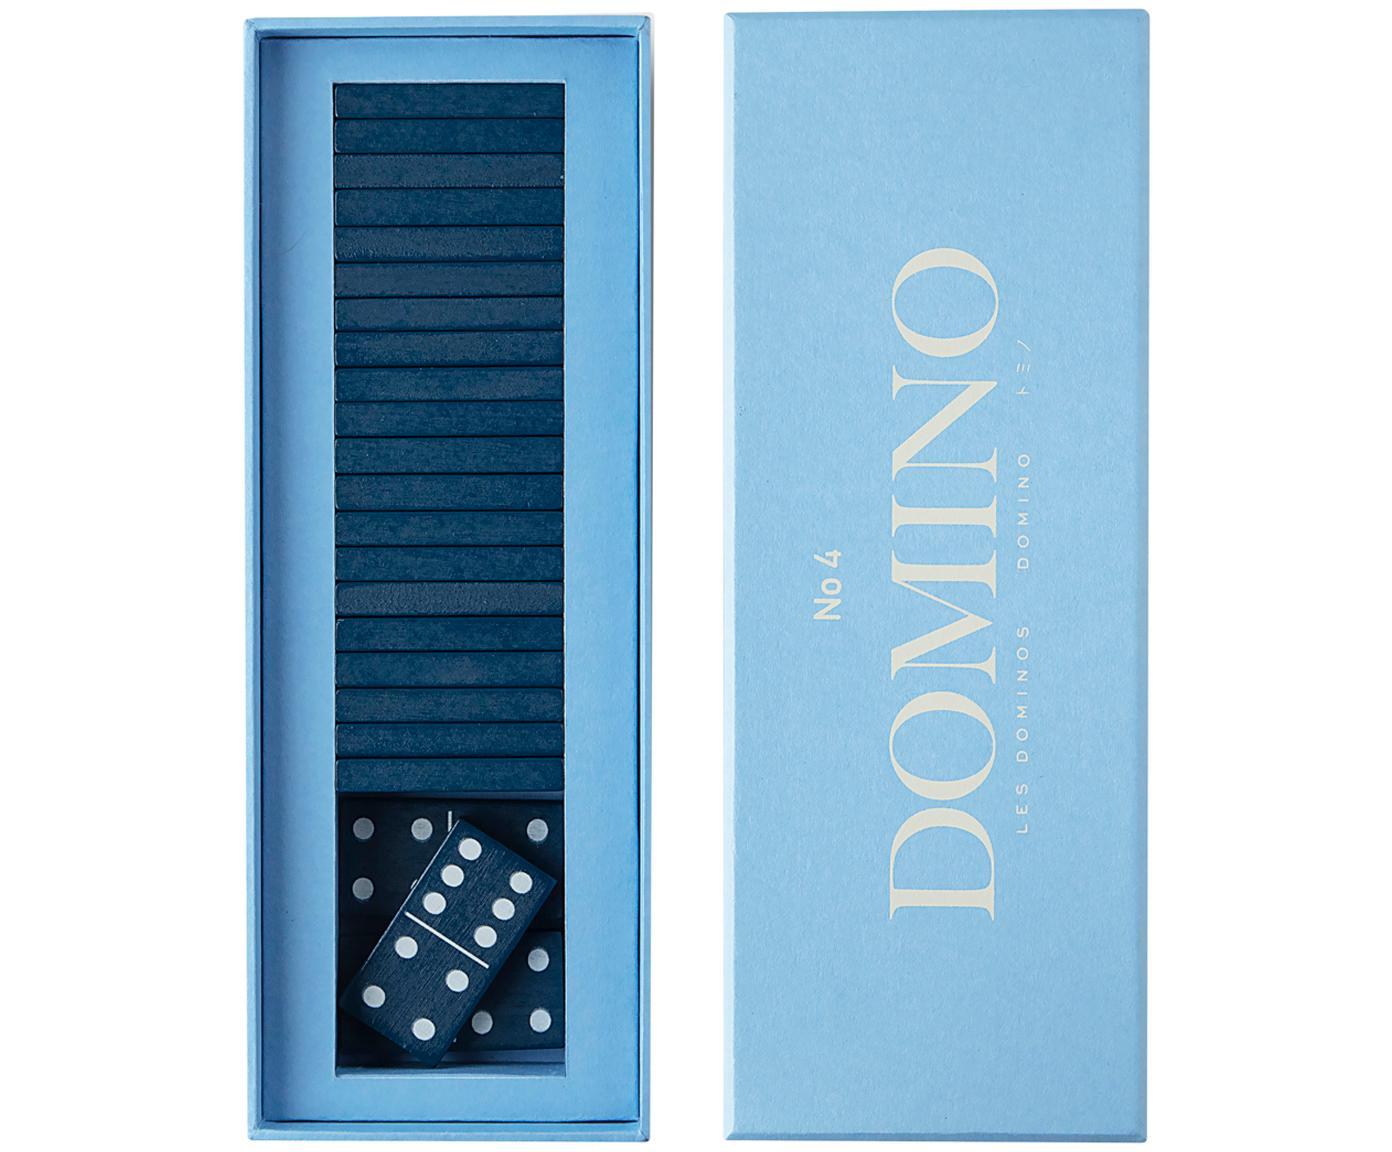 Juego dominó Calssic, 30pzas., Papel, madera, Azul, An 24 x Al 5 cm